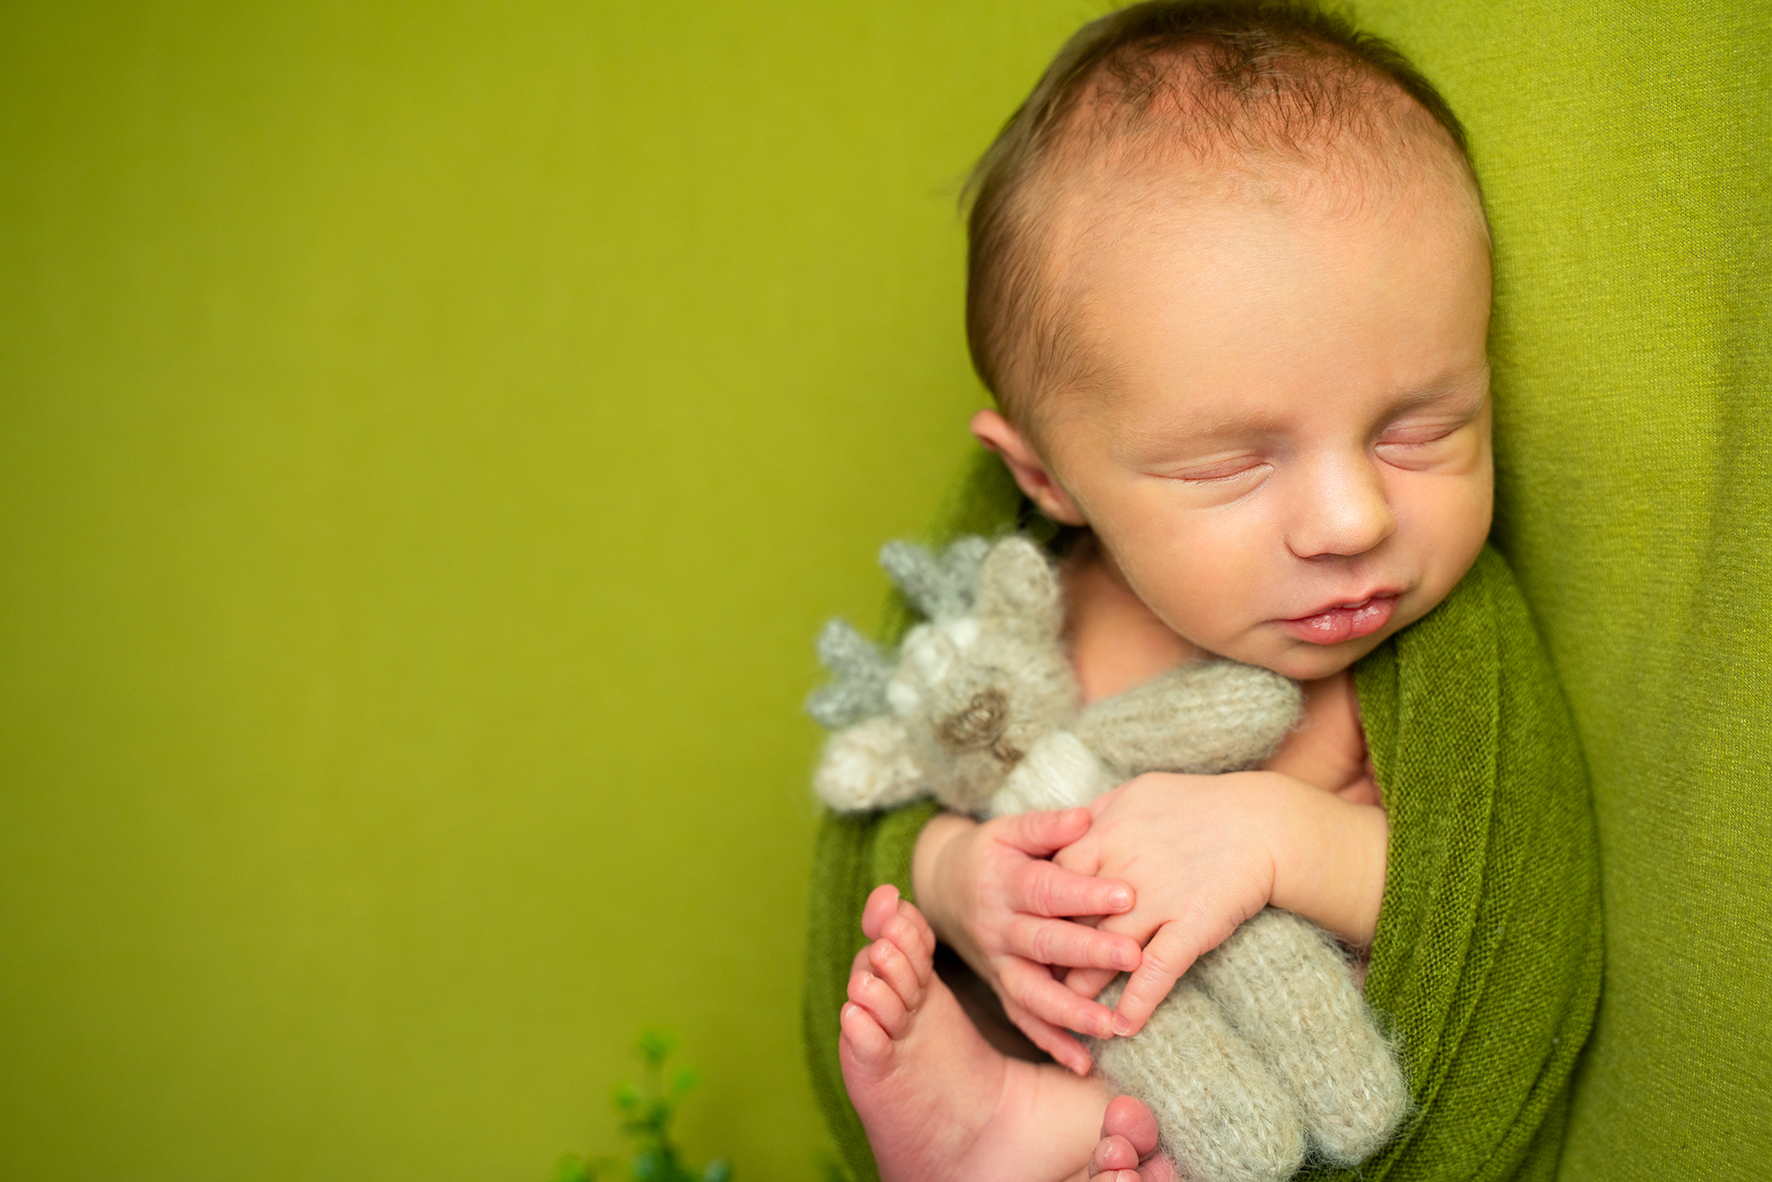 Neugeborenenshooting in Bremen Fotostudio Lilienthal Babyfotos auf dem Beanbag mit Kuscheltier